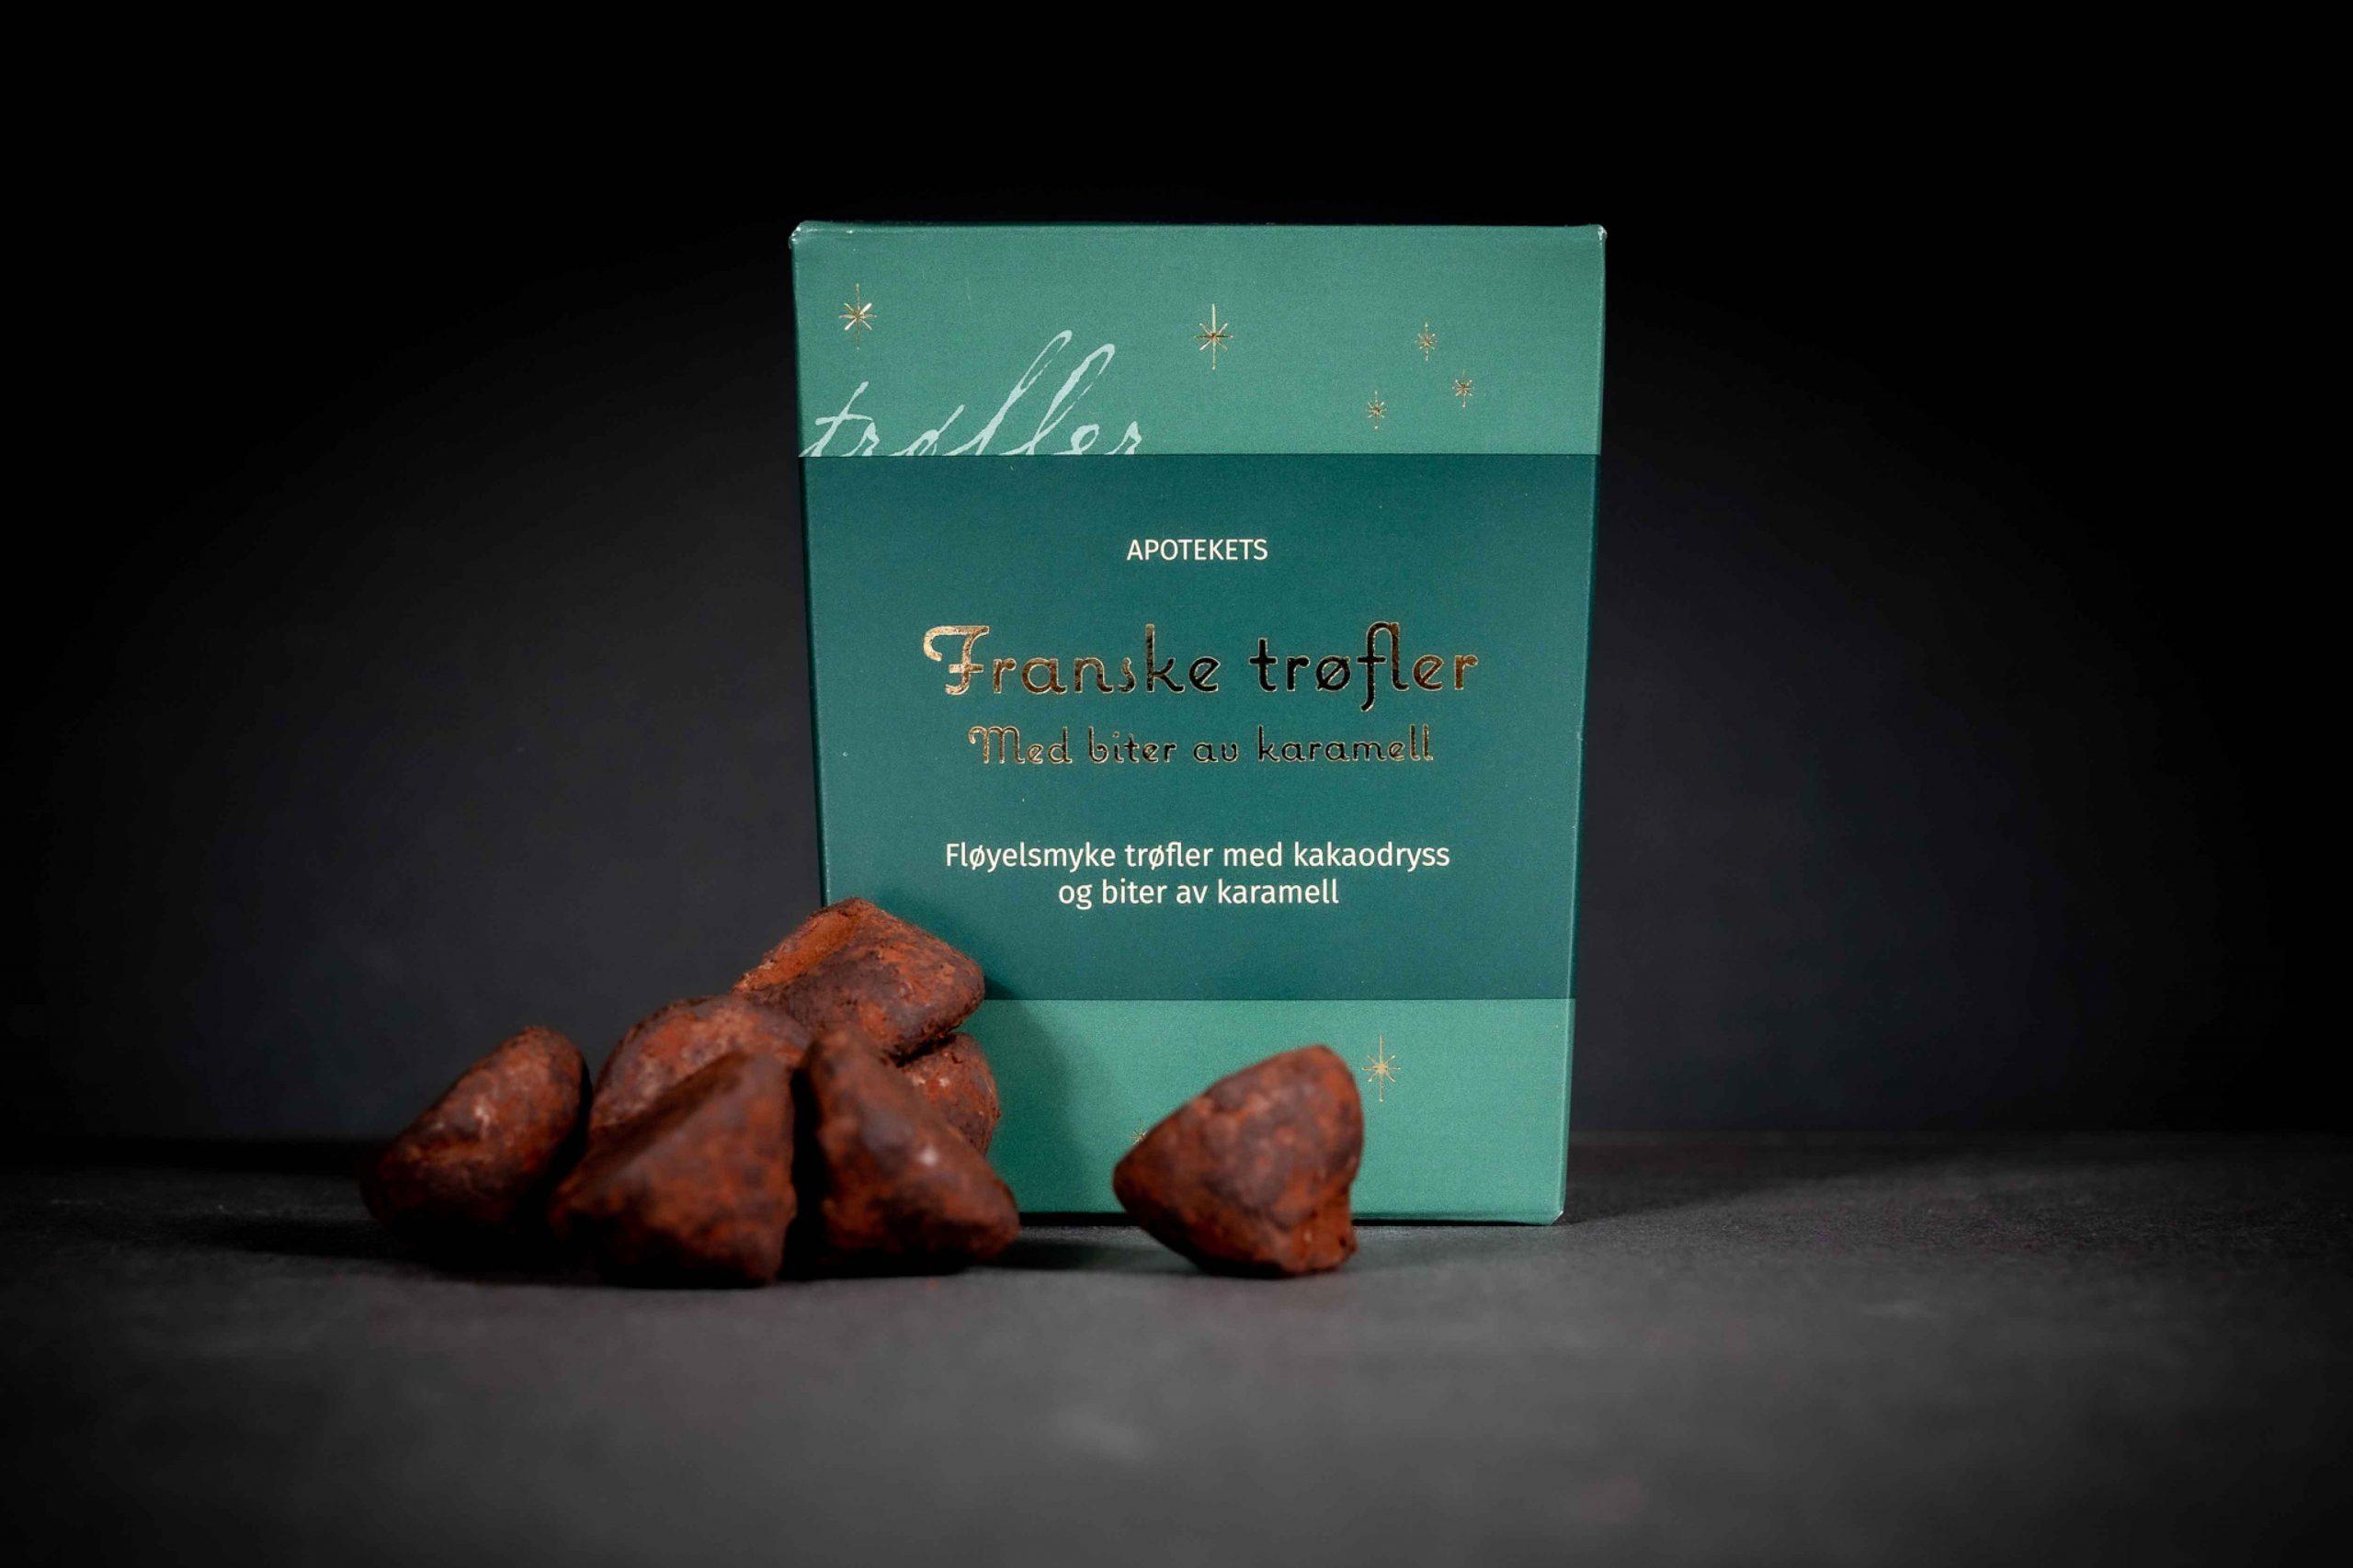 Emballasjedesign for gourmetprodukter